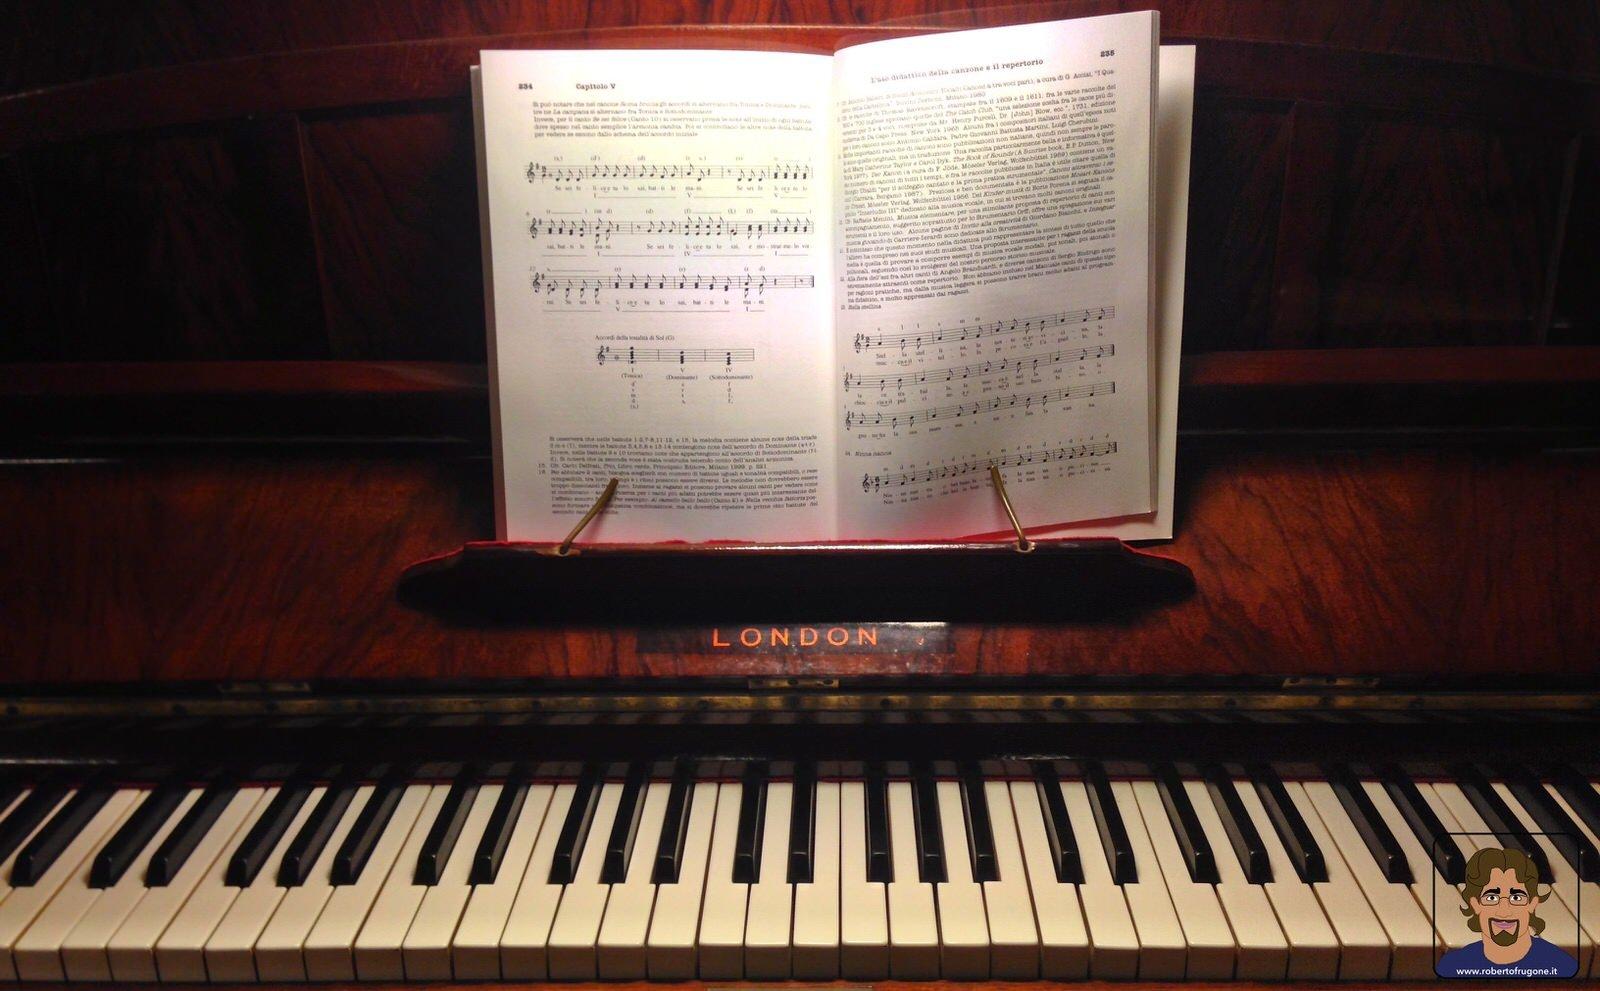 Totem Studio Sala Prove Musicali Casarza Ligure spartito pianoforte